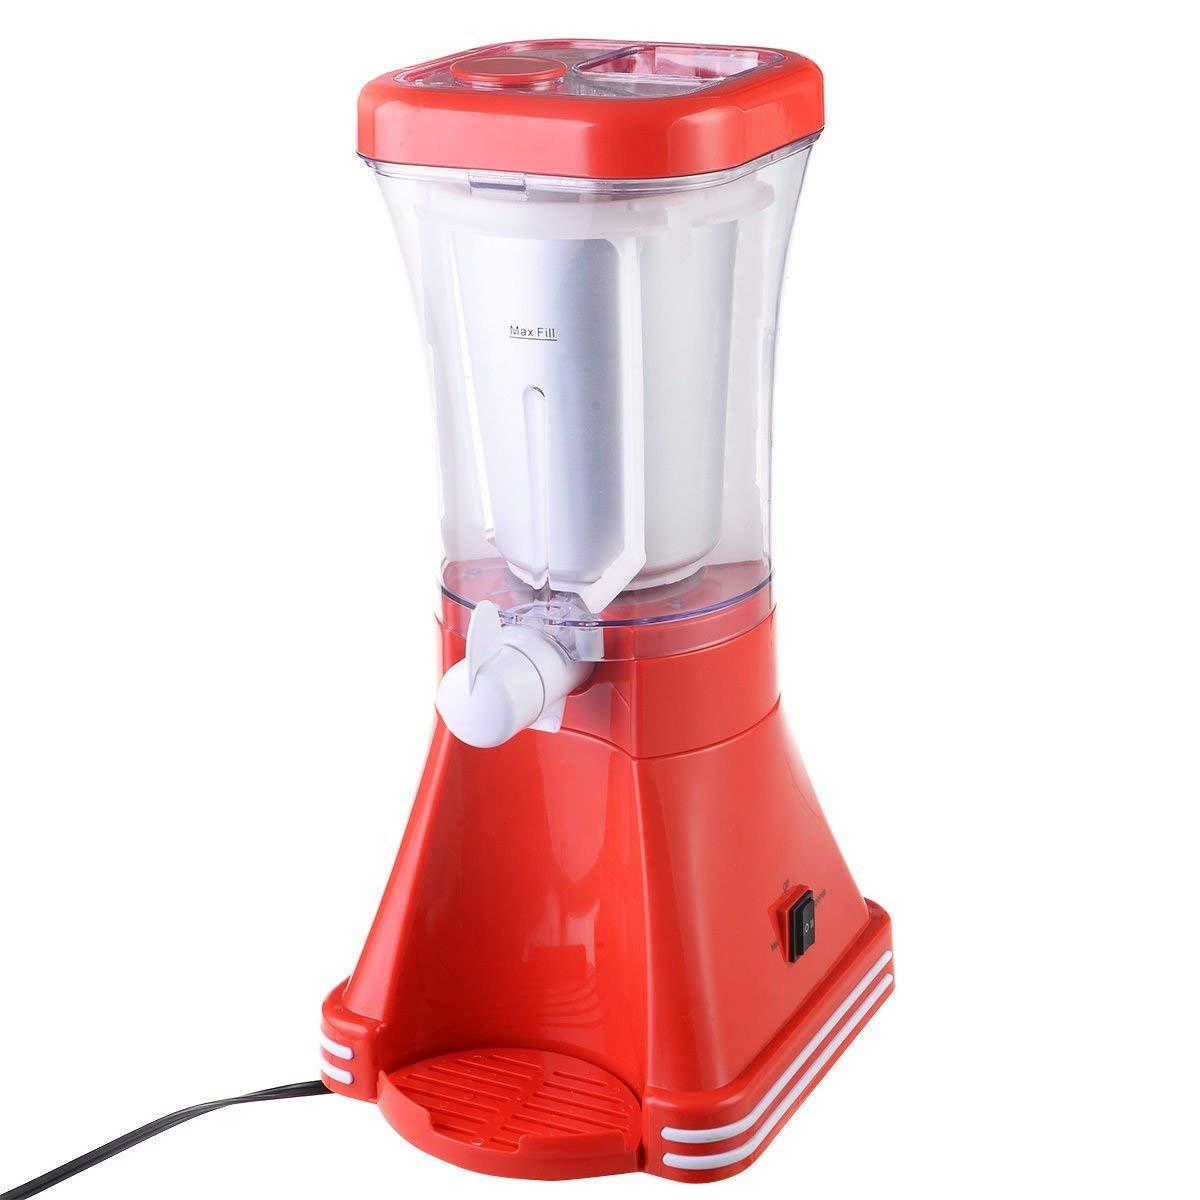 Sportstorm Red Slush Drink Home Maker Retro Machine Blender Ice Slushie Margarita Slurpee Frozen